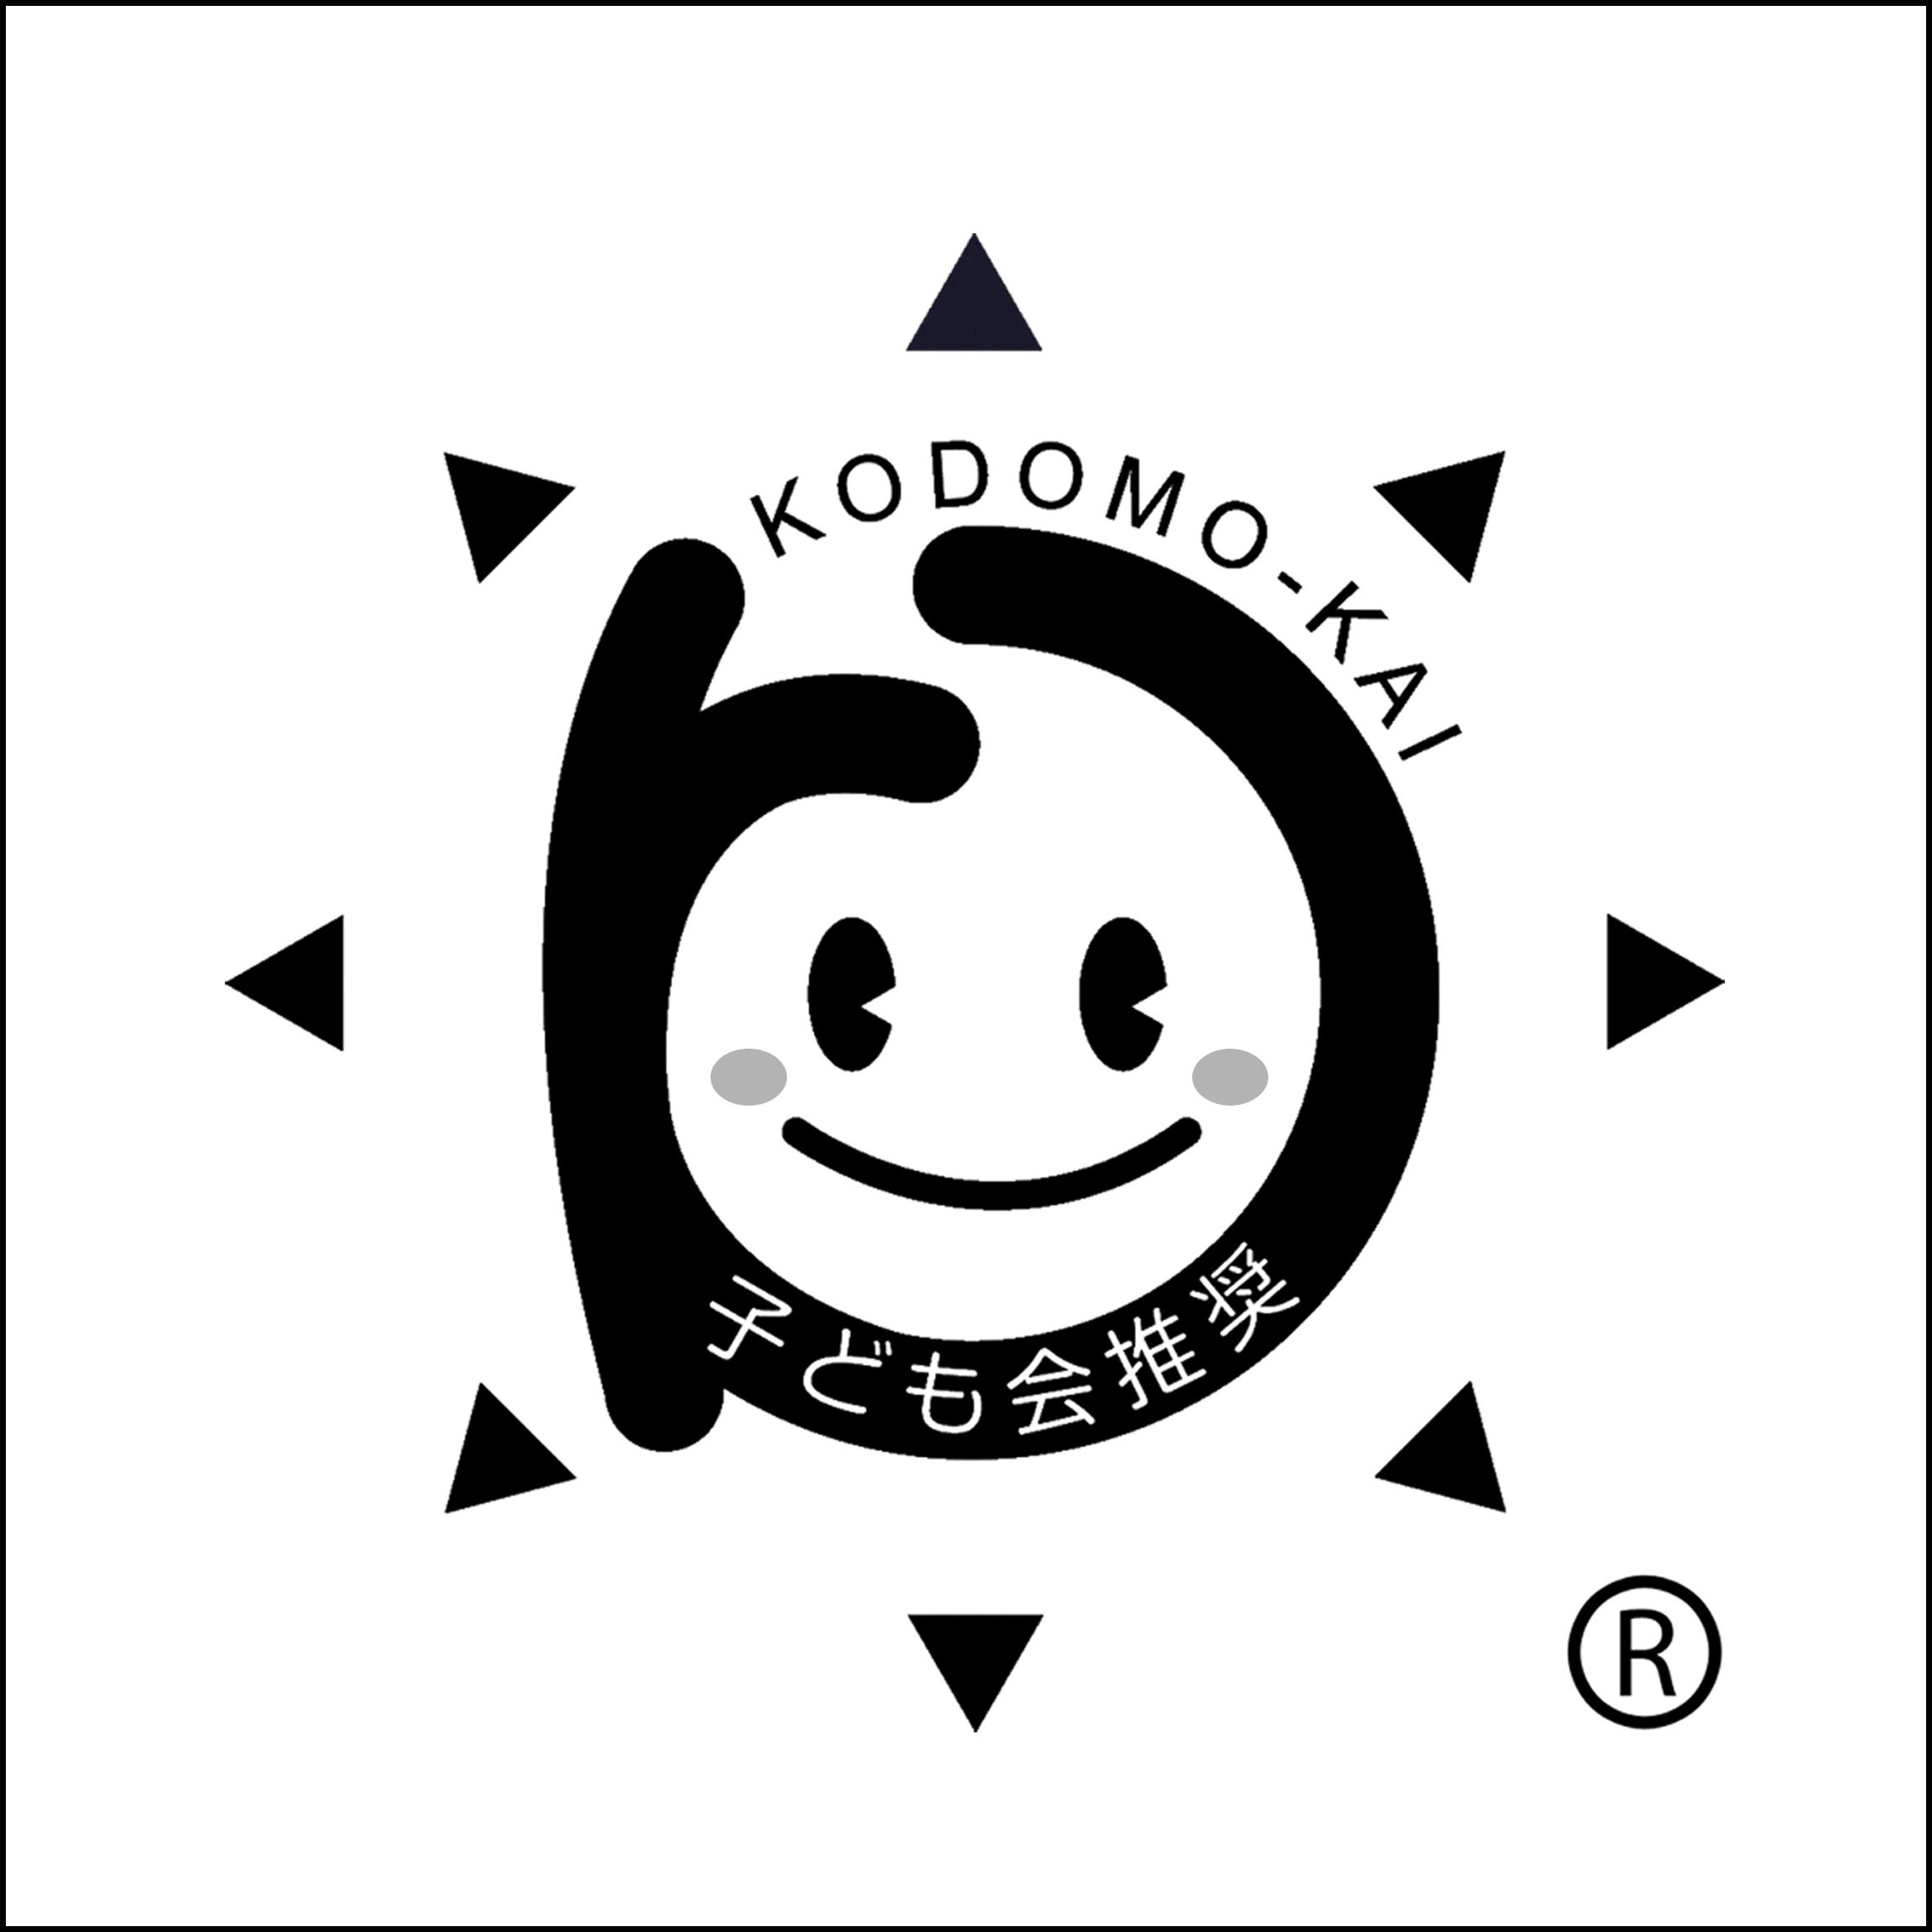 子ども会推奨マーク_R_原本2016.jpg